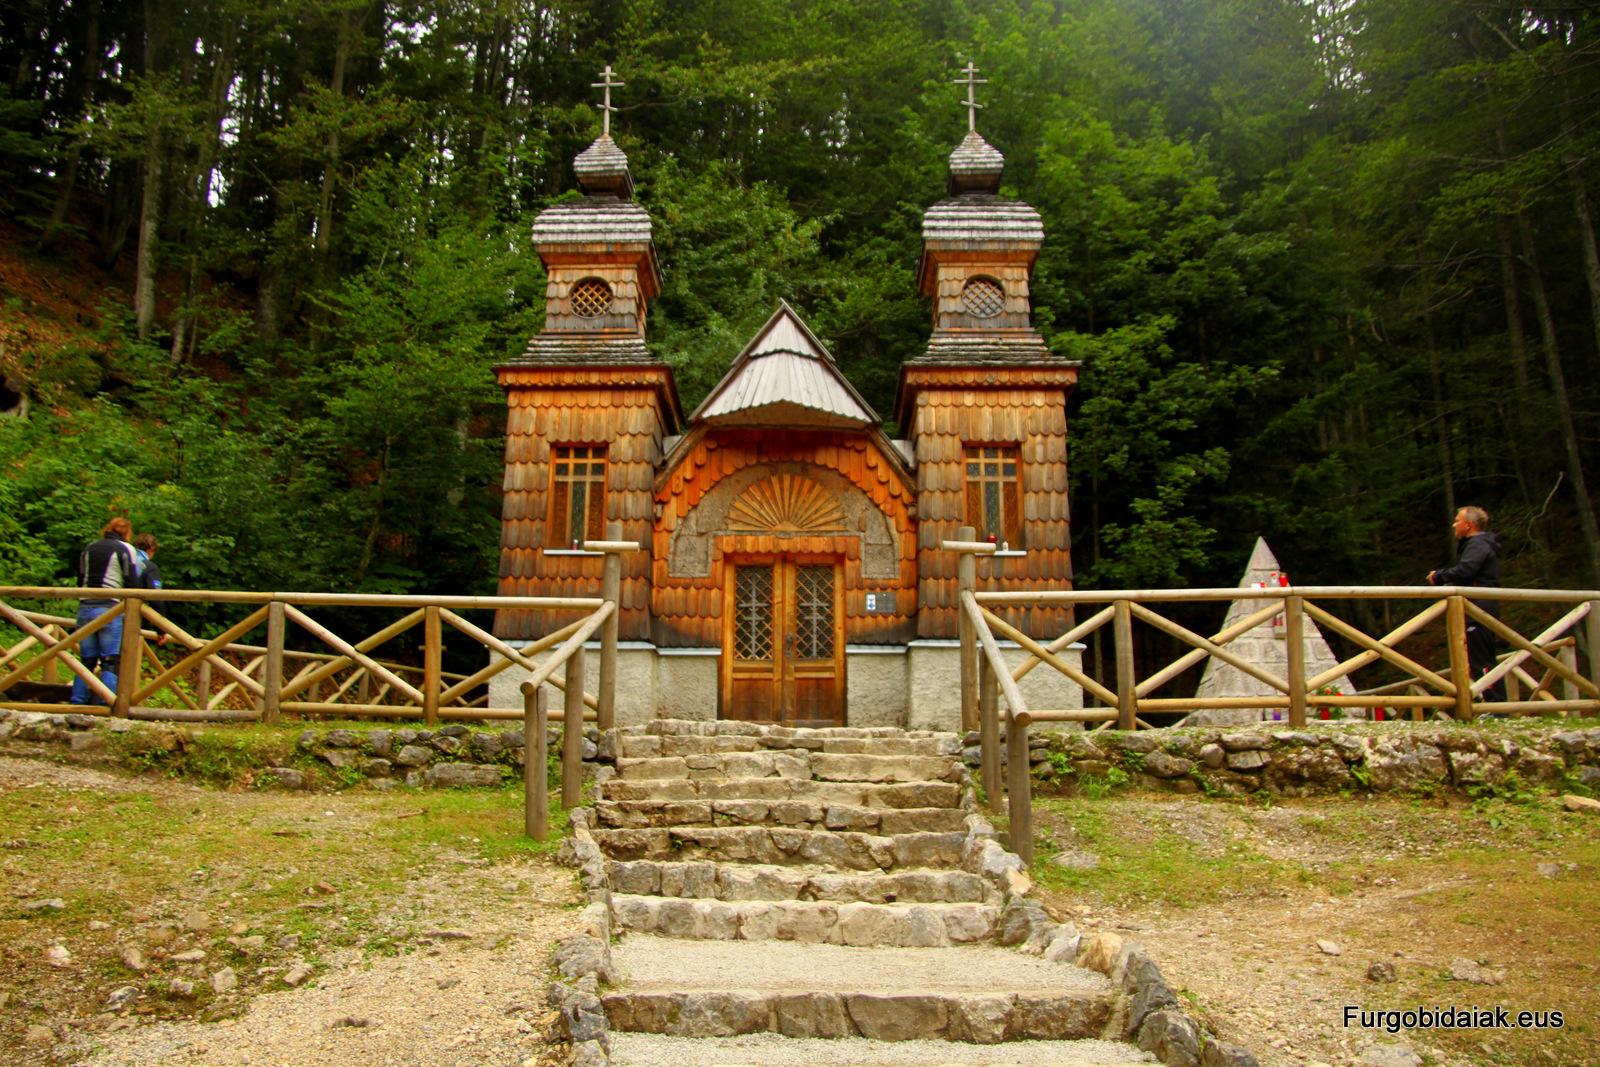 capilla rusa Eslovenia